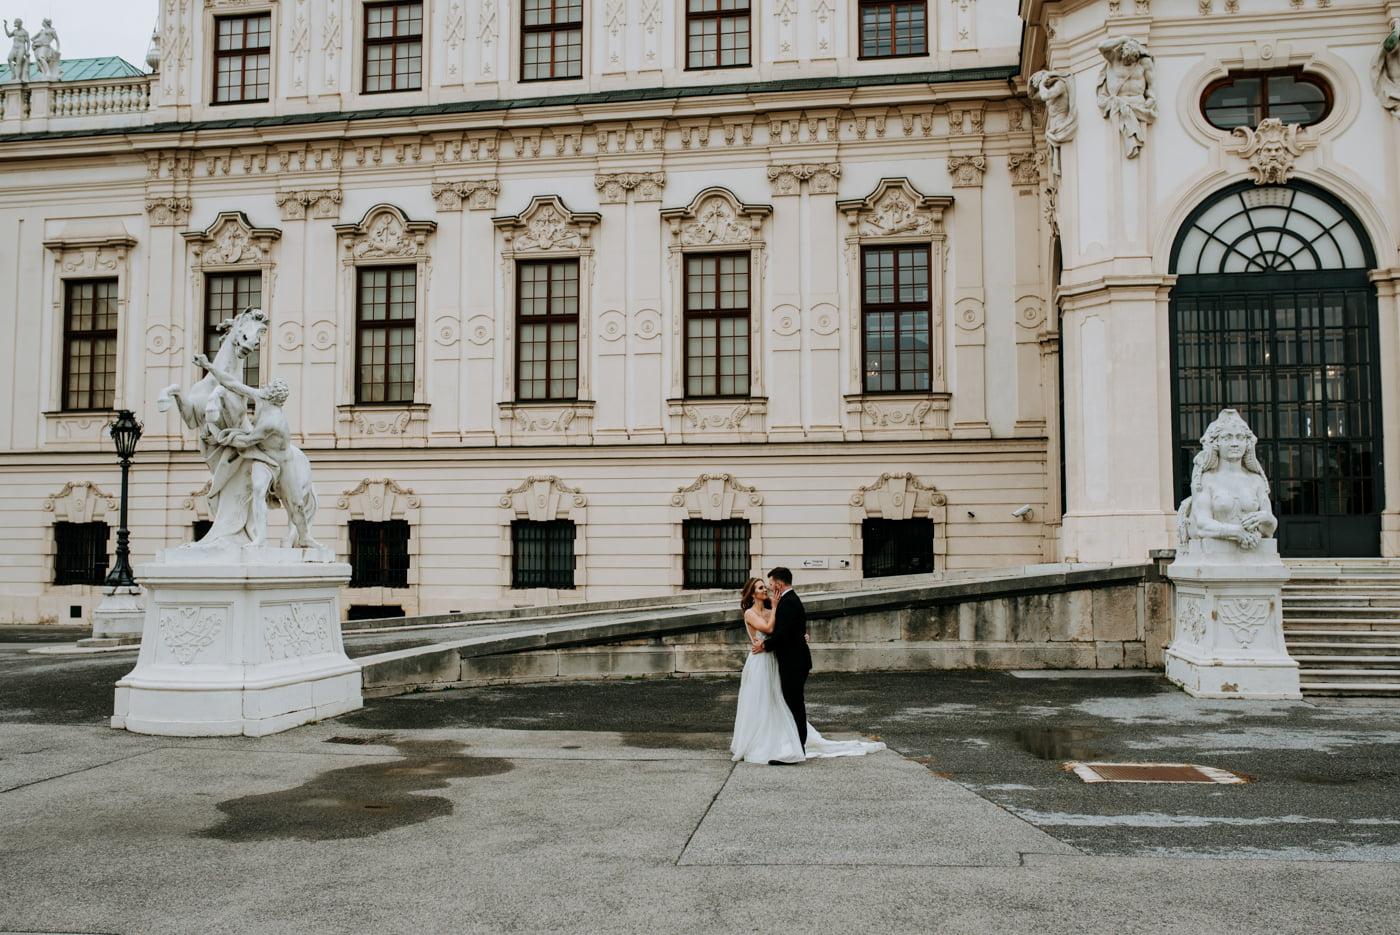 Sesja Ślubna w Wiedniu - Ania i Tomek 24